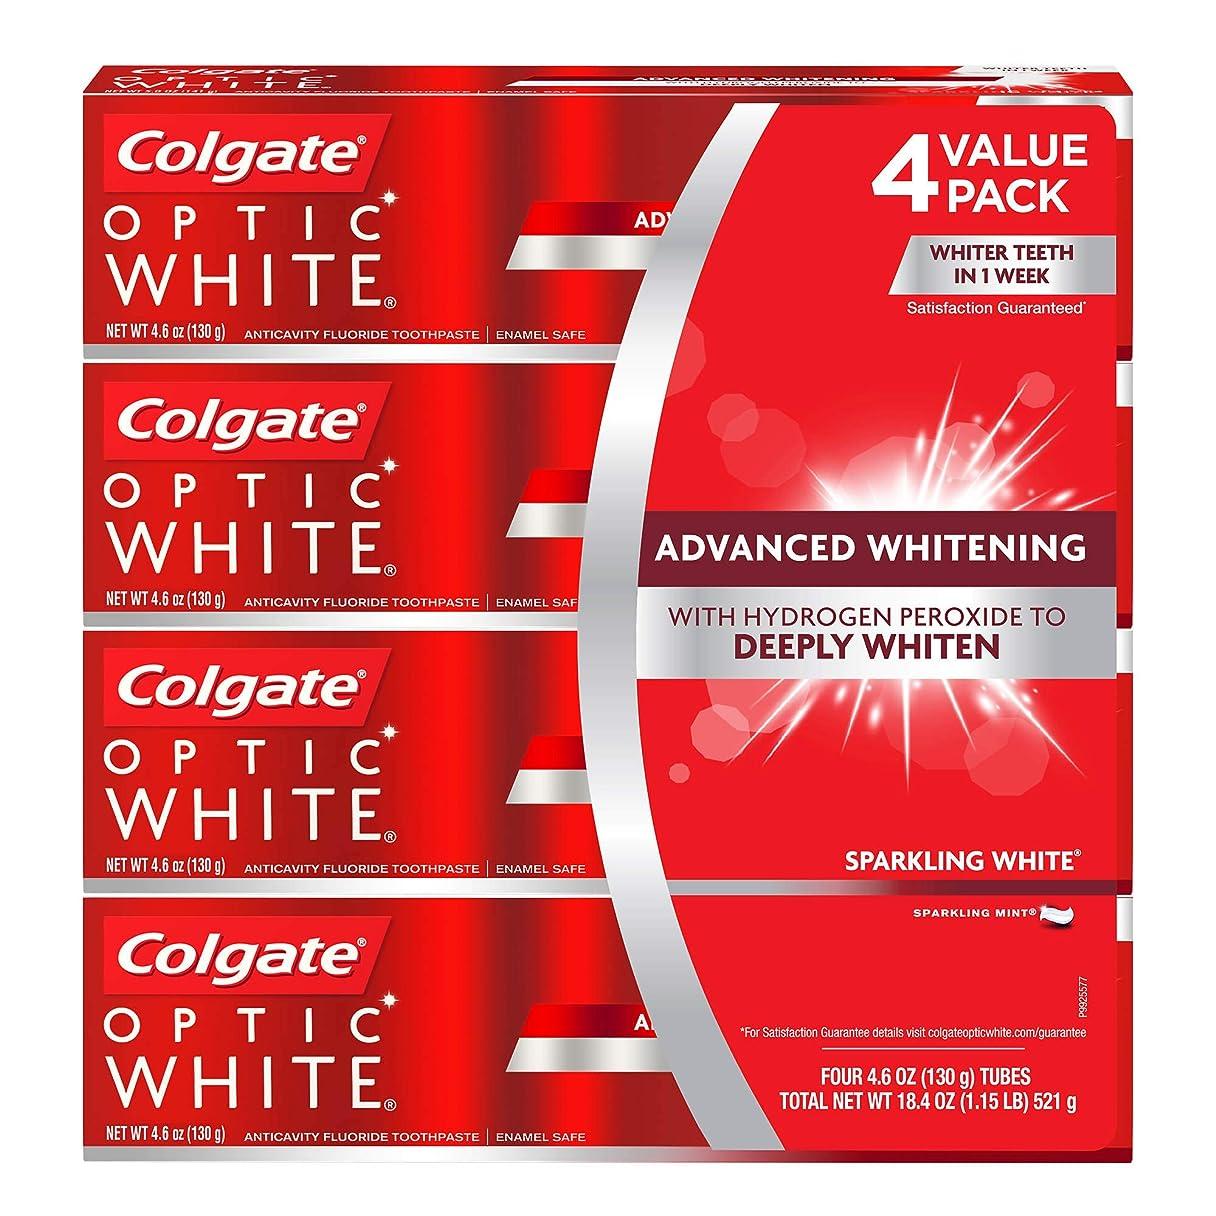 ムスお商人海外直送品 コルゲートオプティックホワイトスパークリングホワイト 歯磨き粉 Colgate Optic White Sparkling White Toothpaste, Sparkling Mint (4.6 oz, 5 pk.) 130gx5本